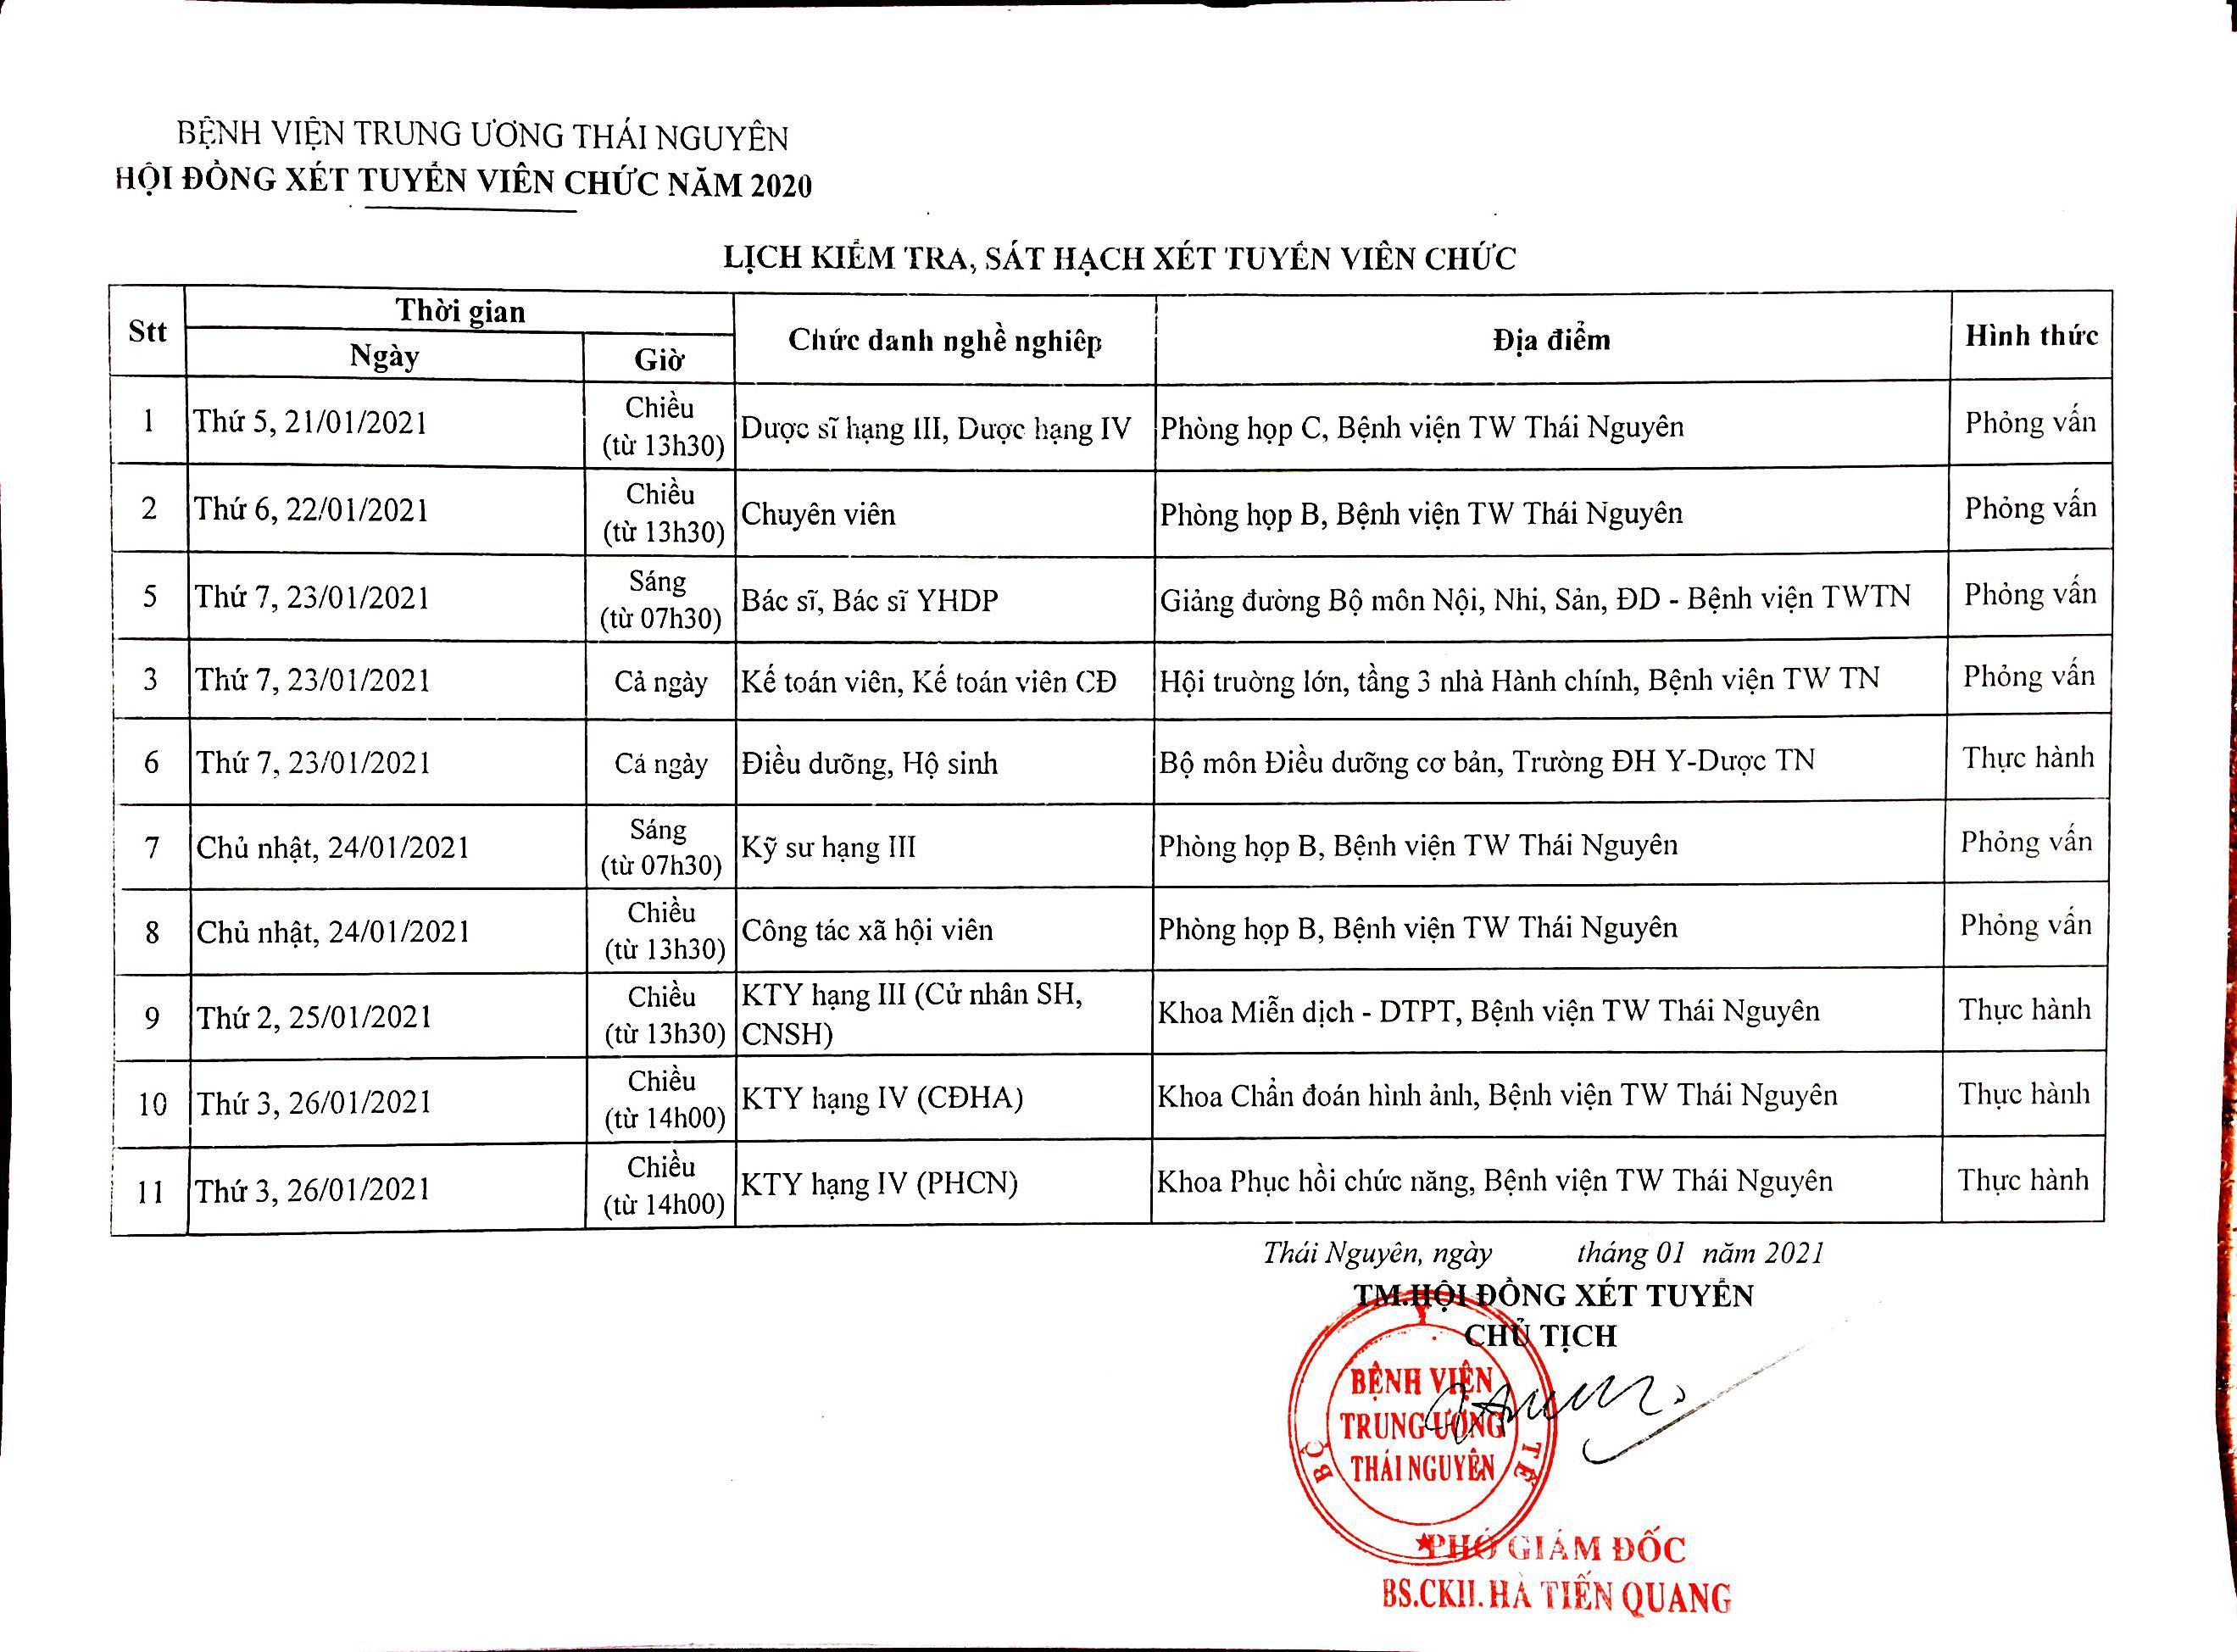 Lịch kiểm tra sát hạch, danh sách thí sinh xét tuyển viên chức